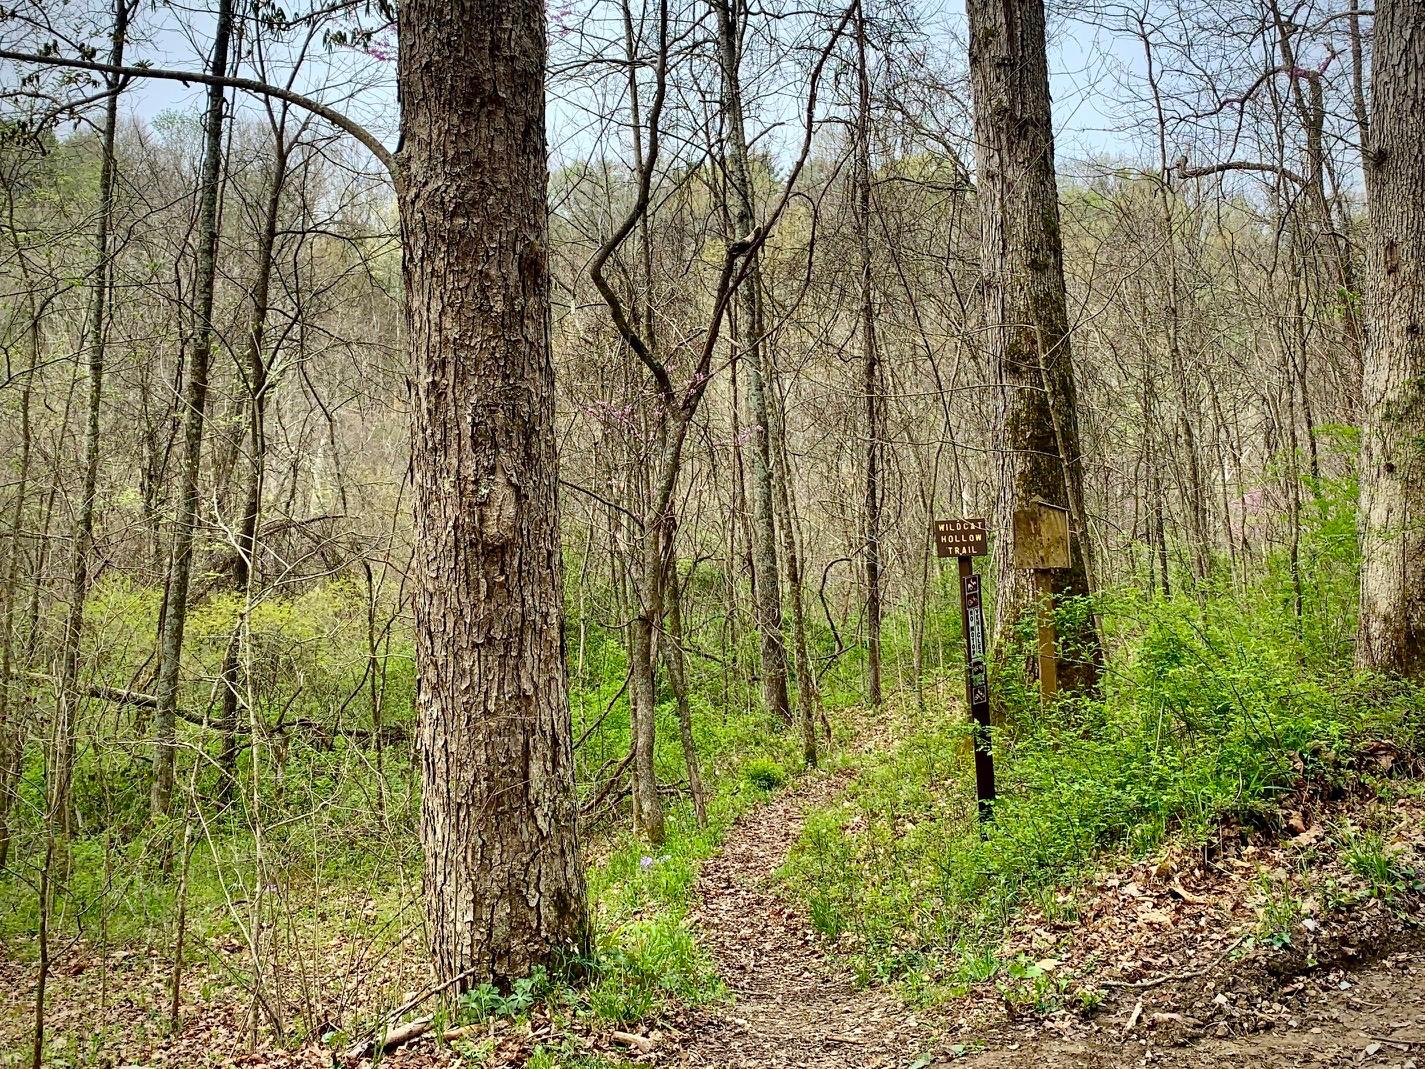 Hiking Area Near The Cabin